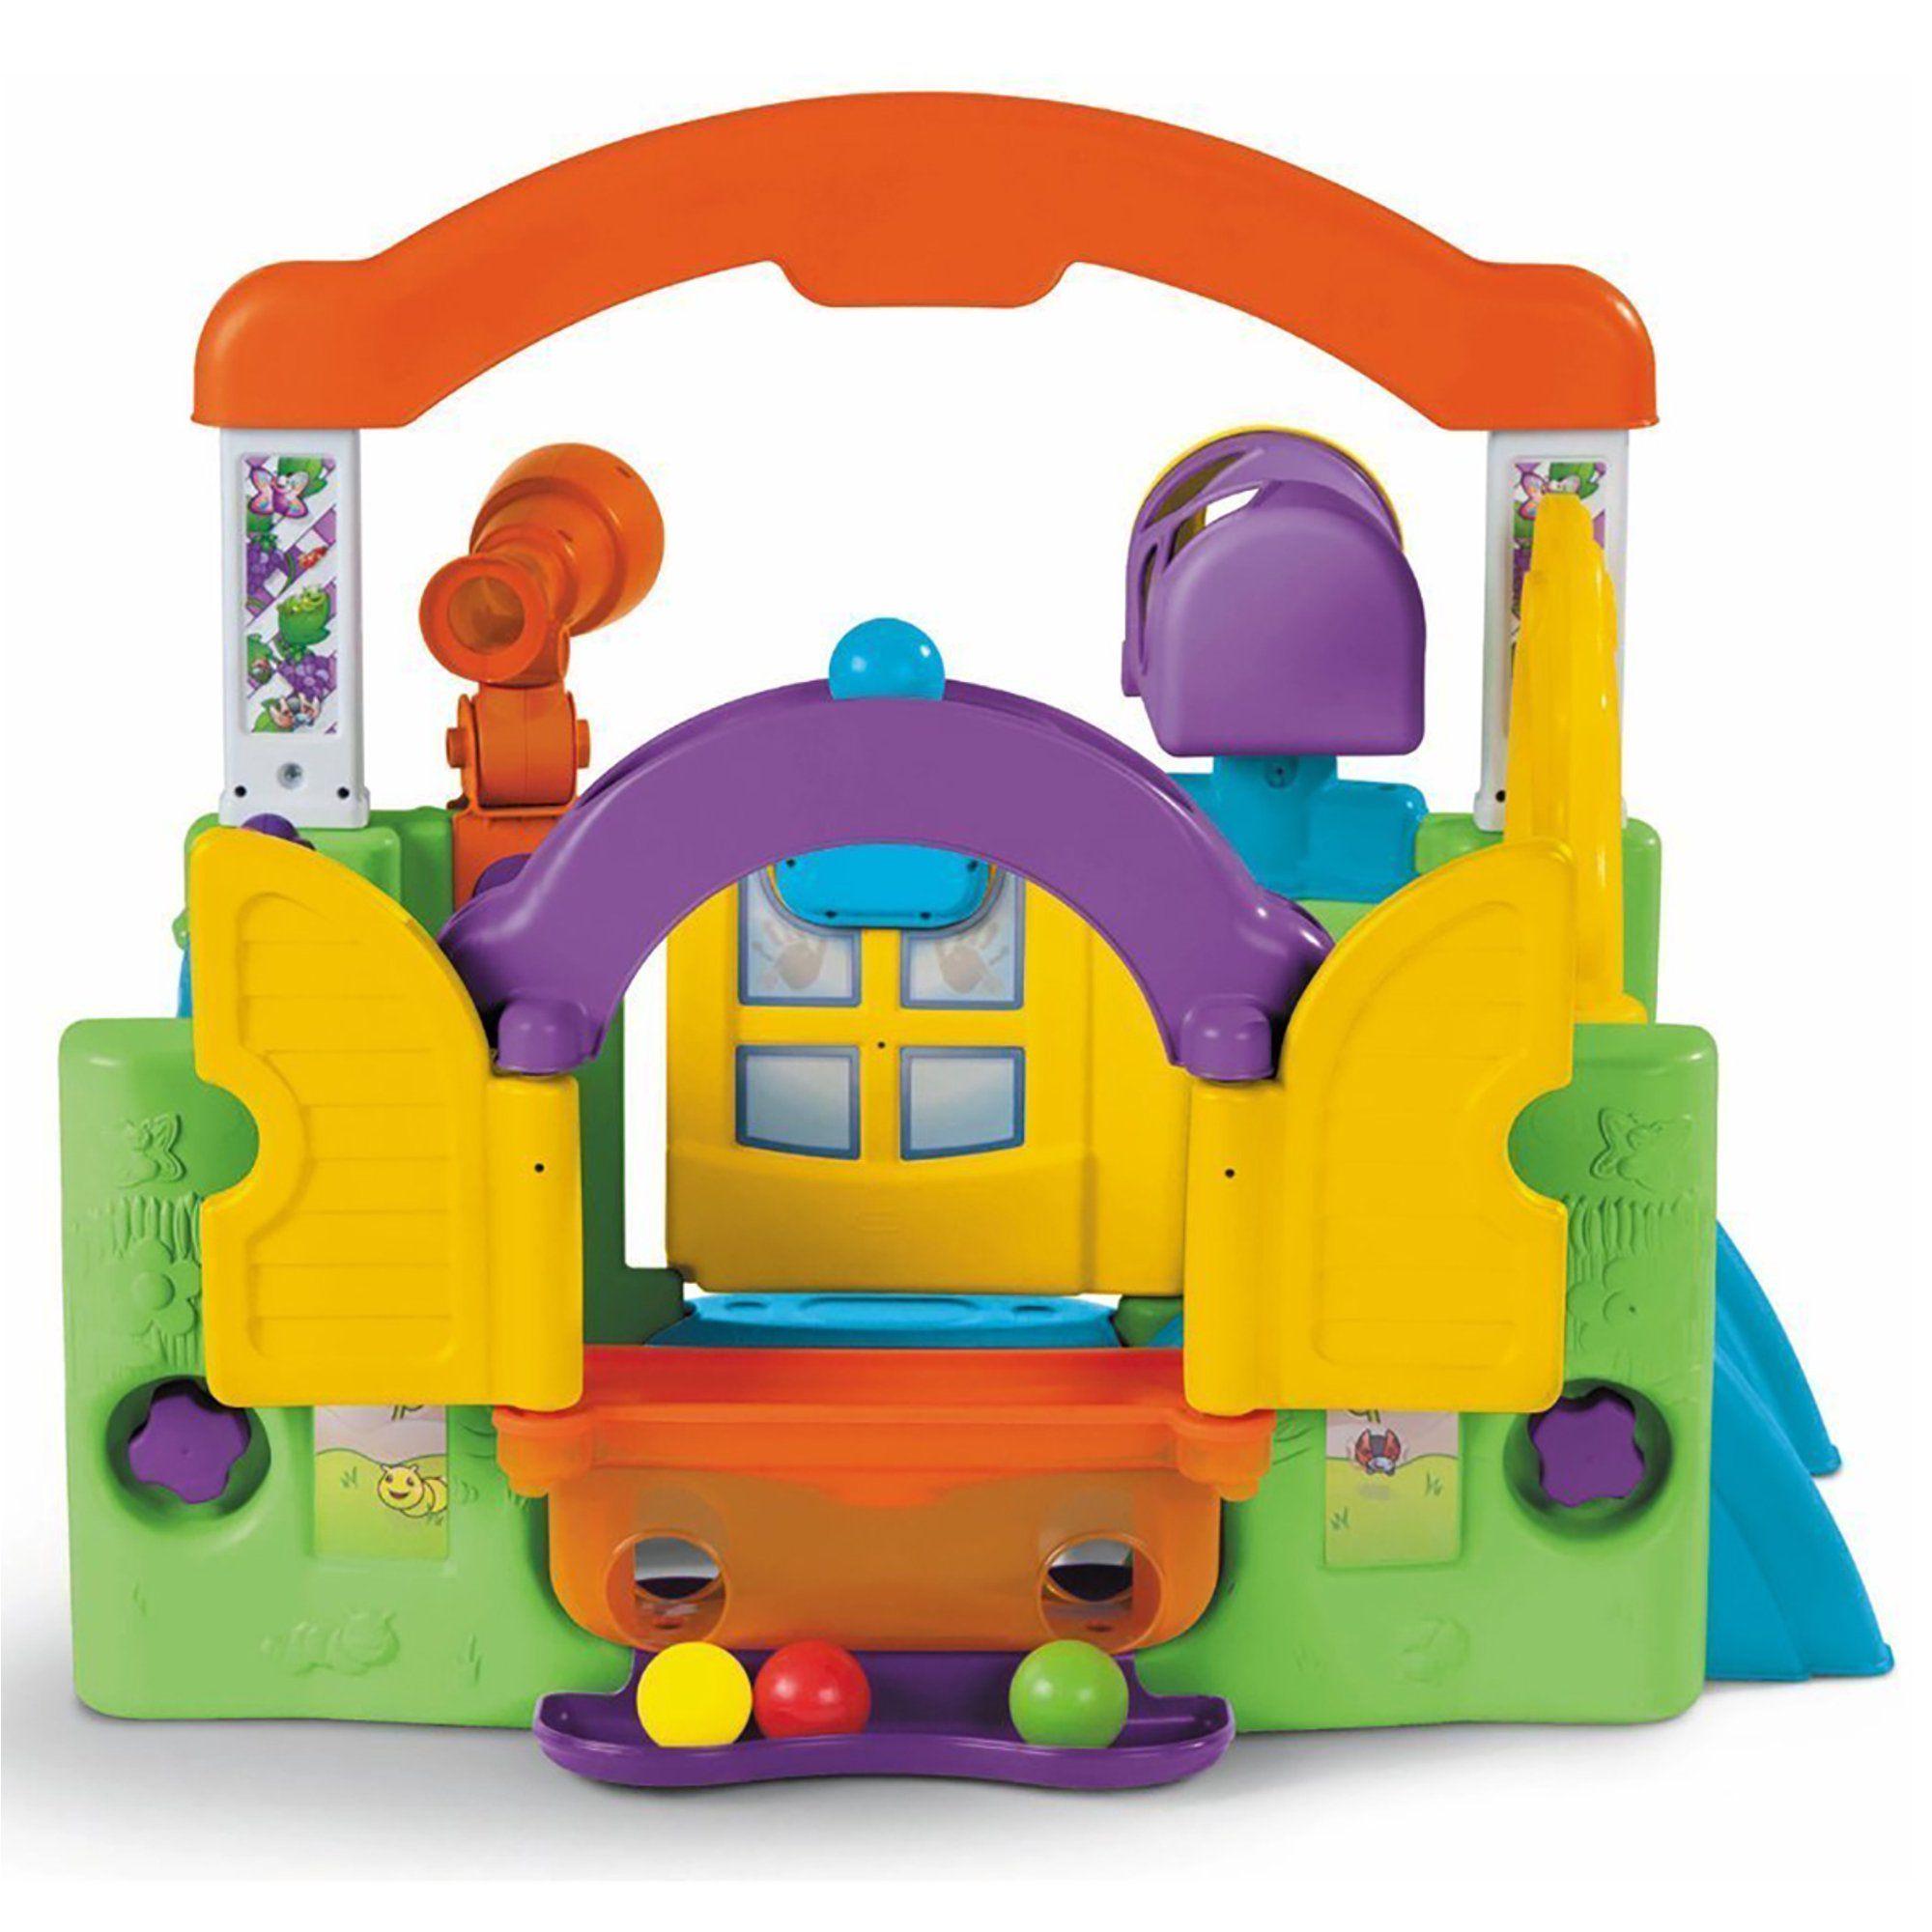 Little Tikes Activity Garden Playhouse in